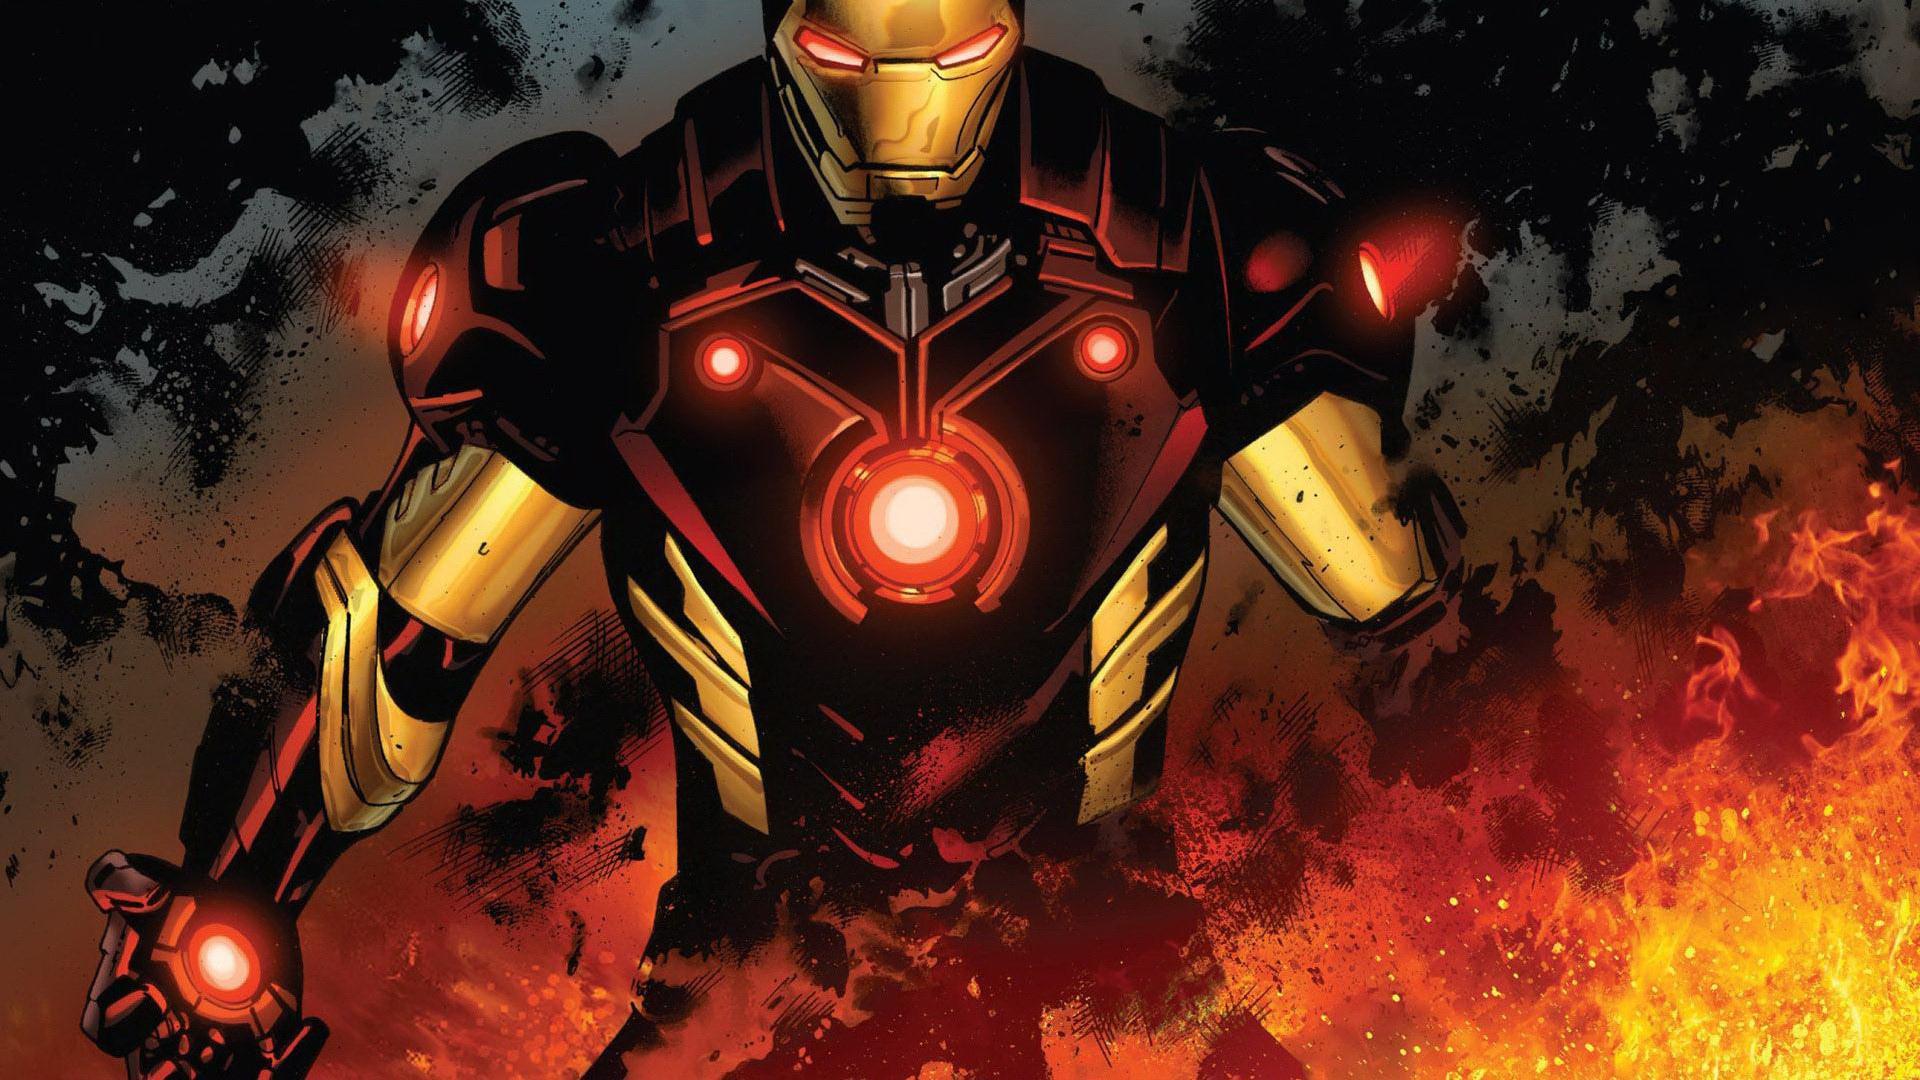 Железный человек обои full hd, супергерой, Тони Старк, марвек комиксы, 1920 на 1080 пикселей